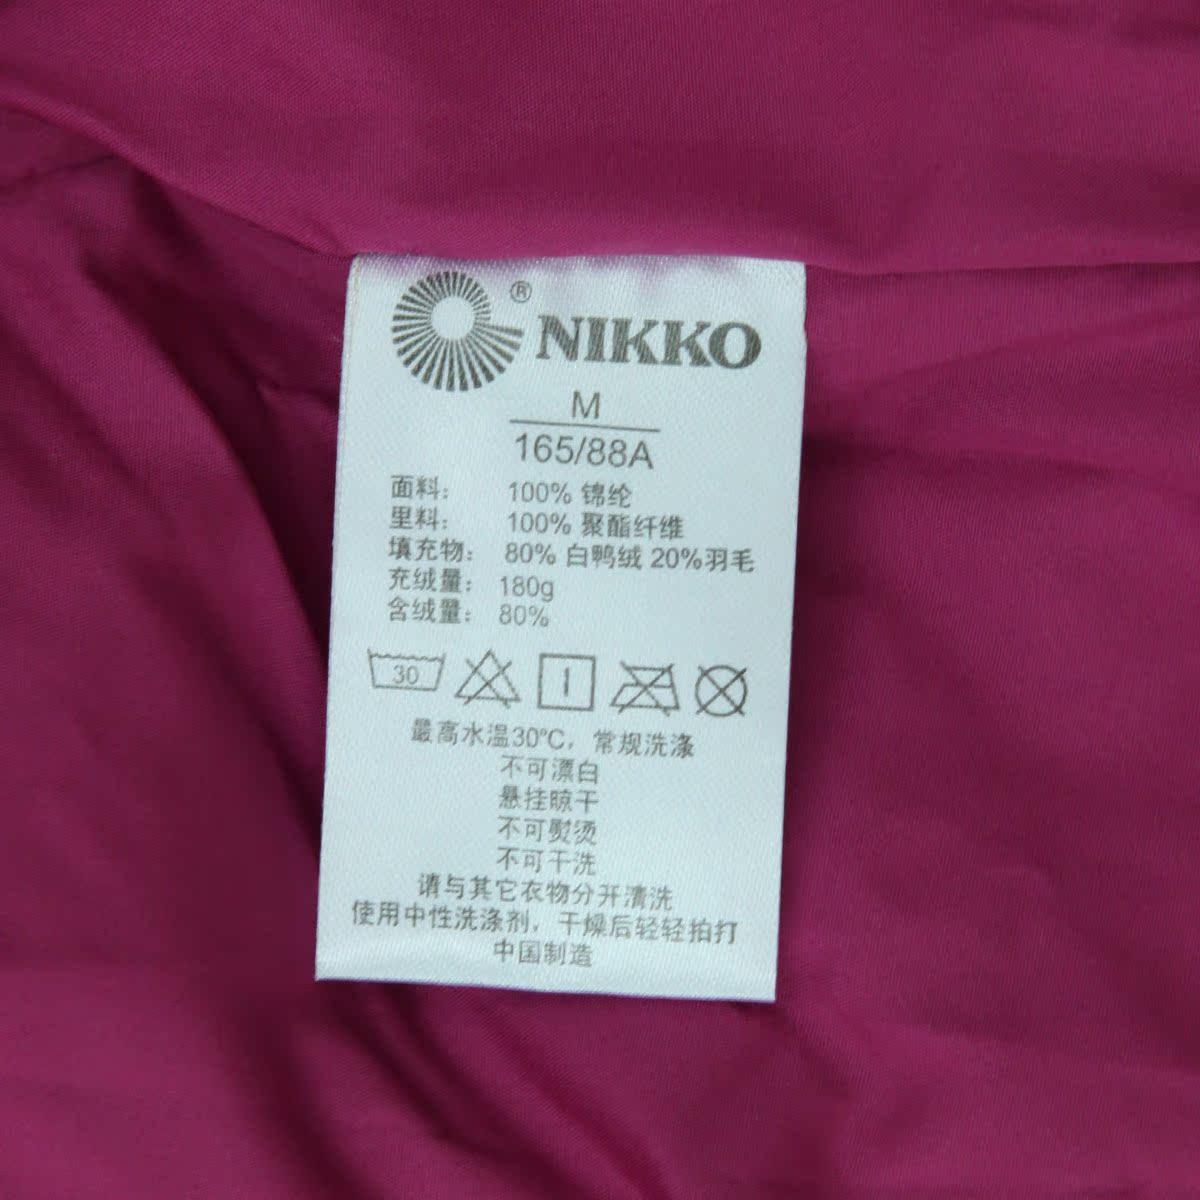 куртка Nikko njb/3230003 Nikko / hidaka 90 белый утиный пух % Удерживающая тепло